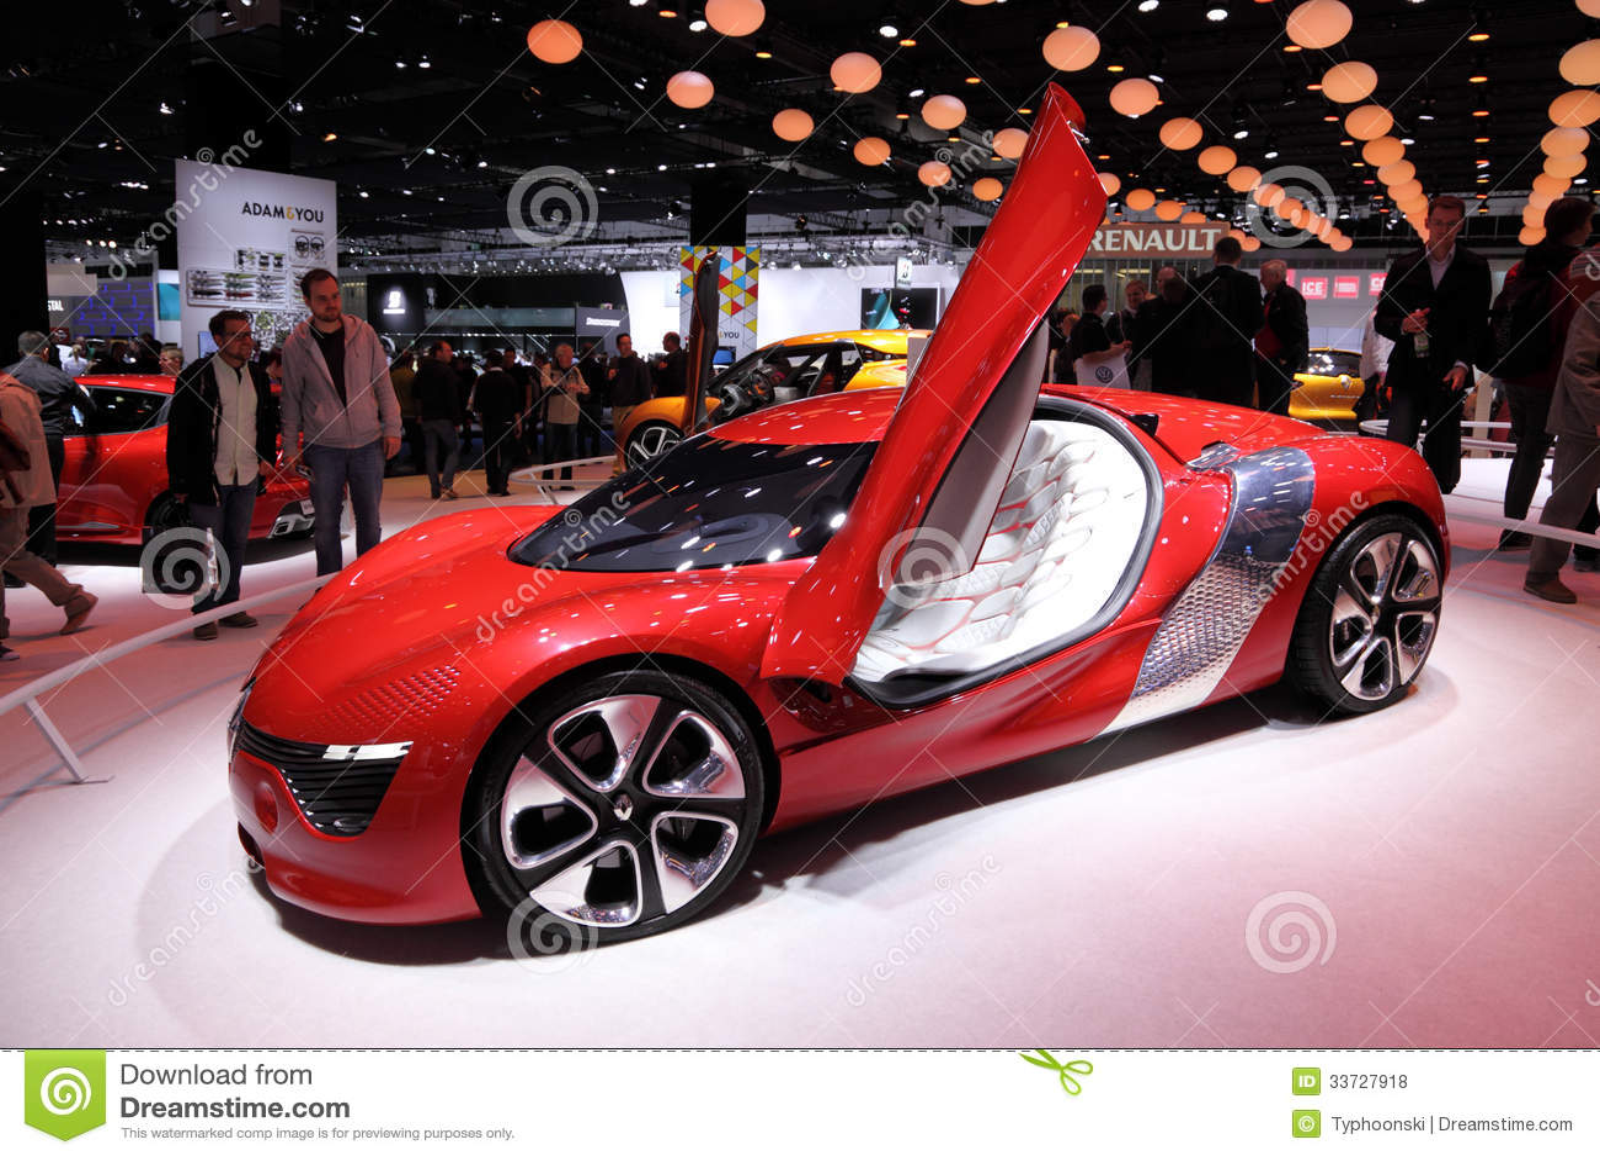 Автомобиль концепции Renault Dezir